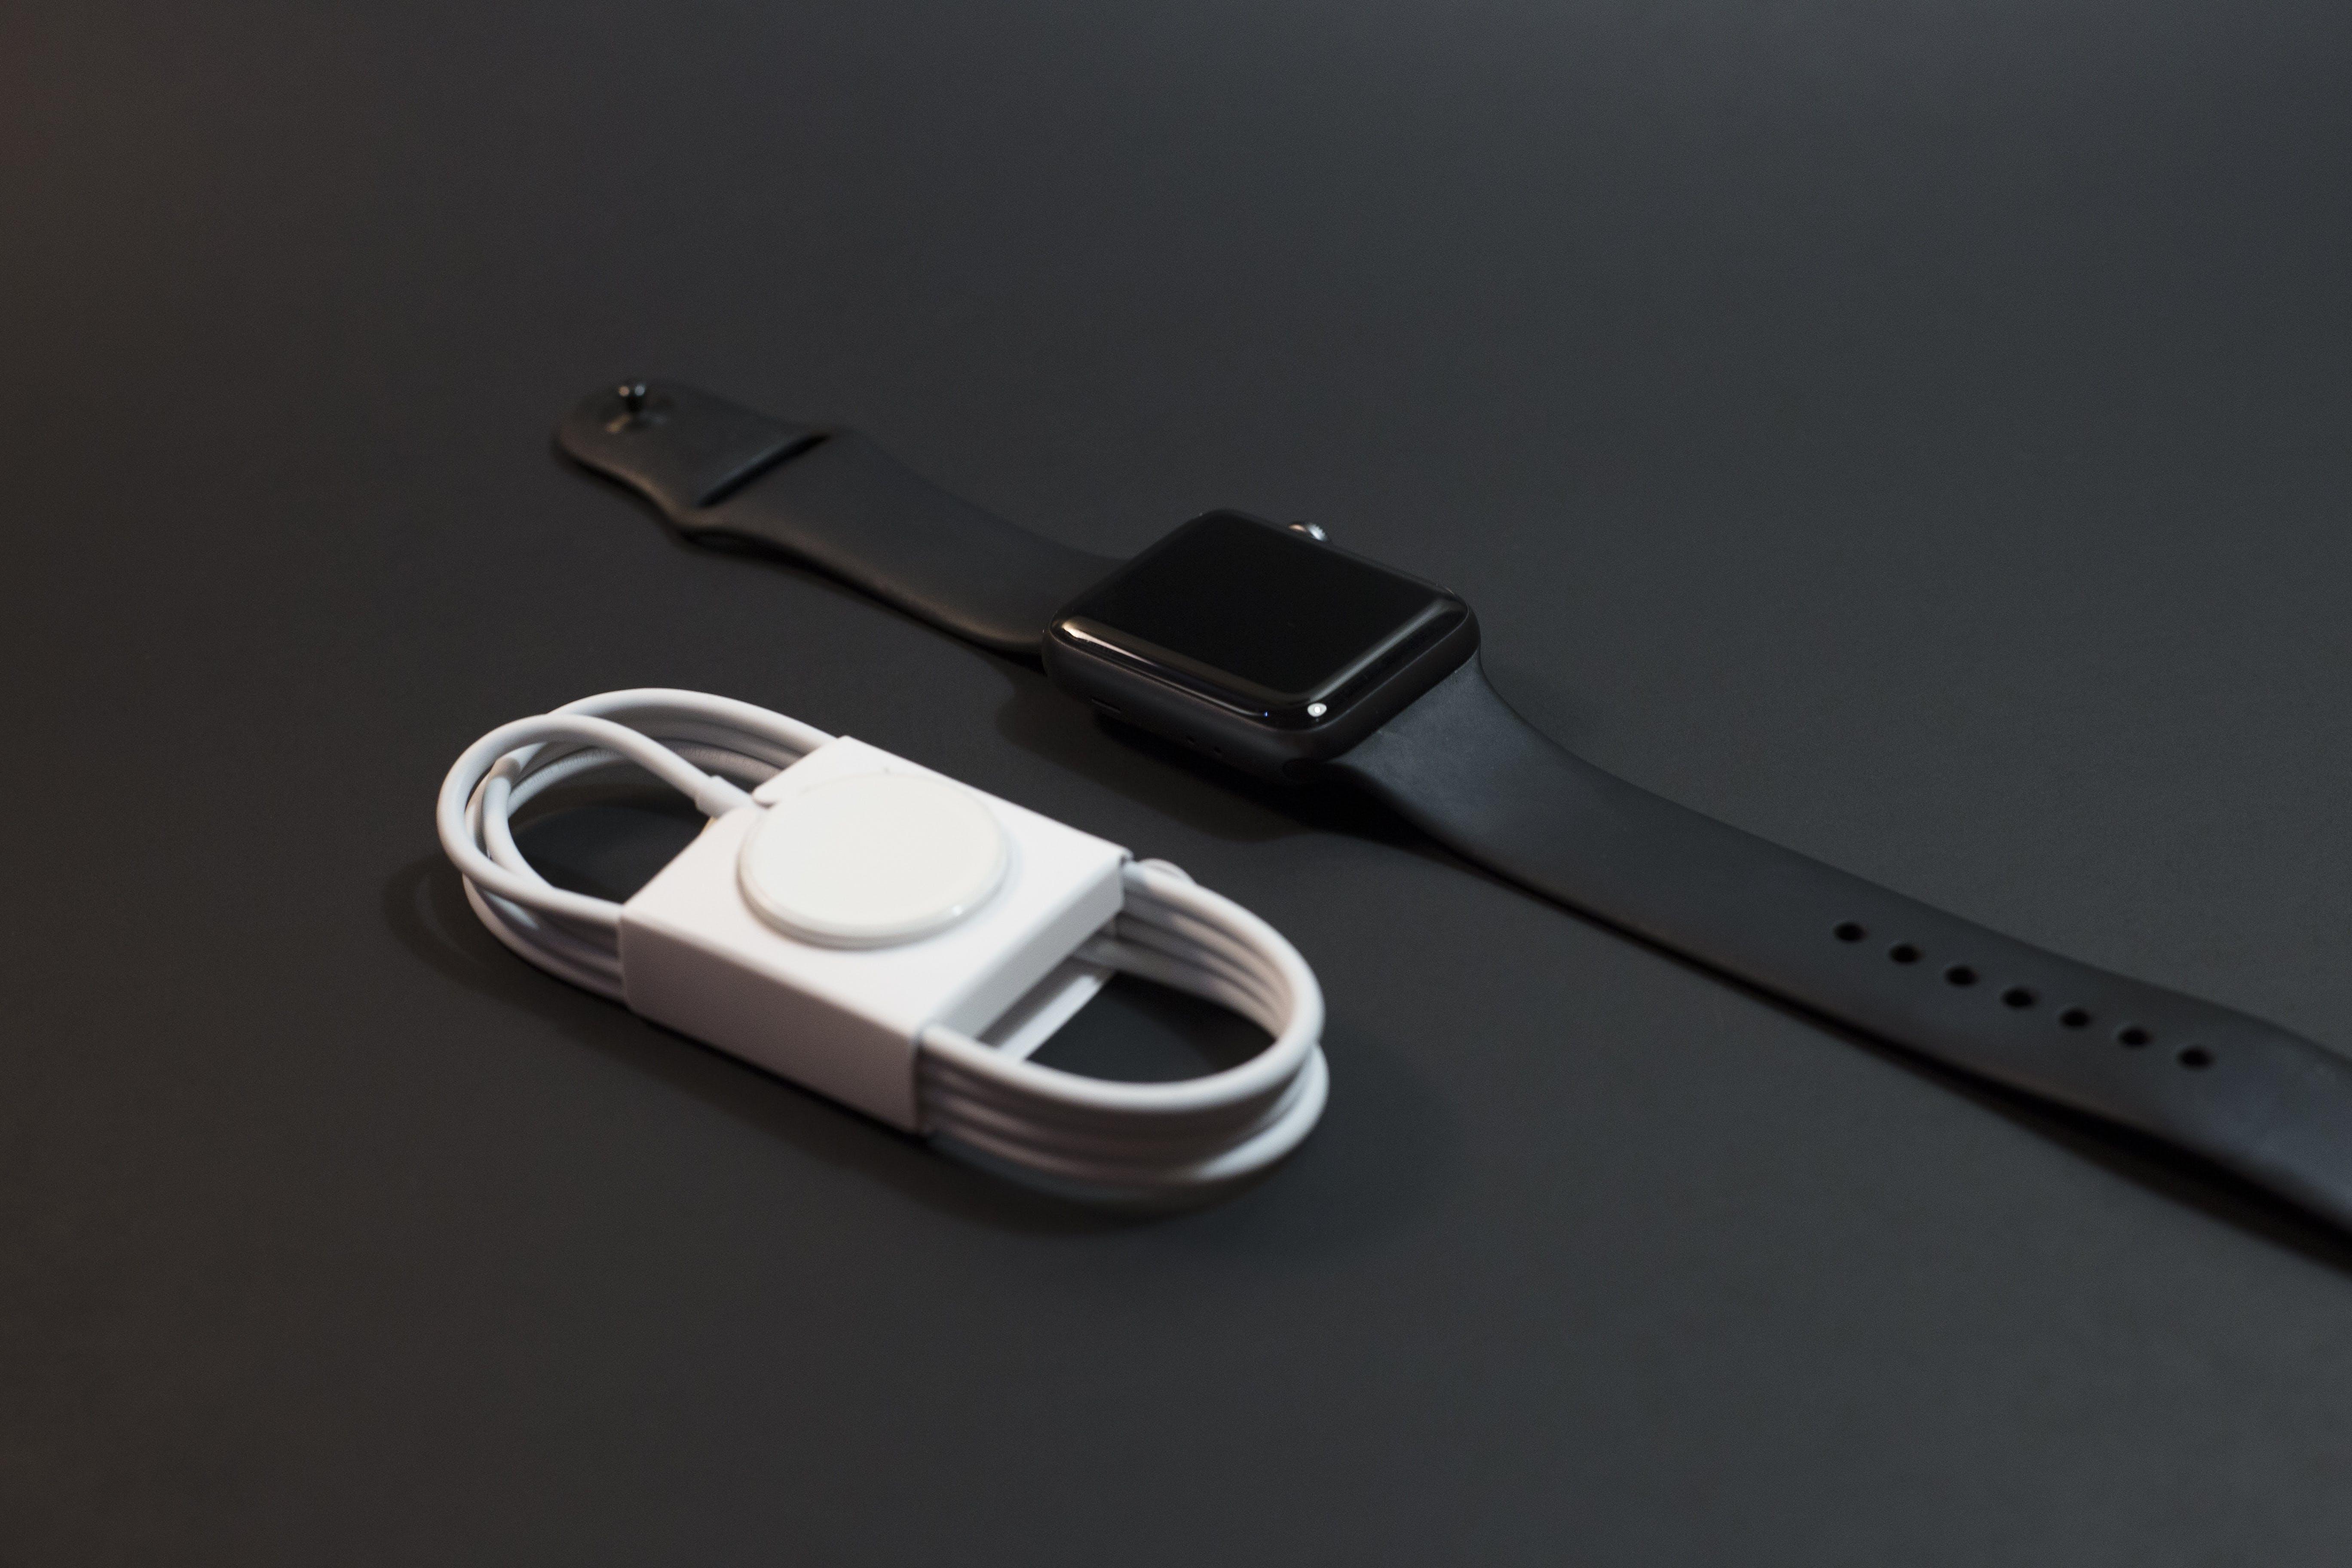 Δωρεάν στοκ φωτογραφιών με apple, smartwatch, εξοπλισμός, καλώδιο